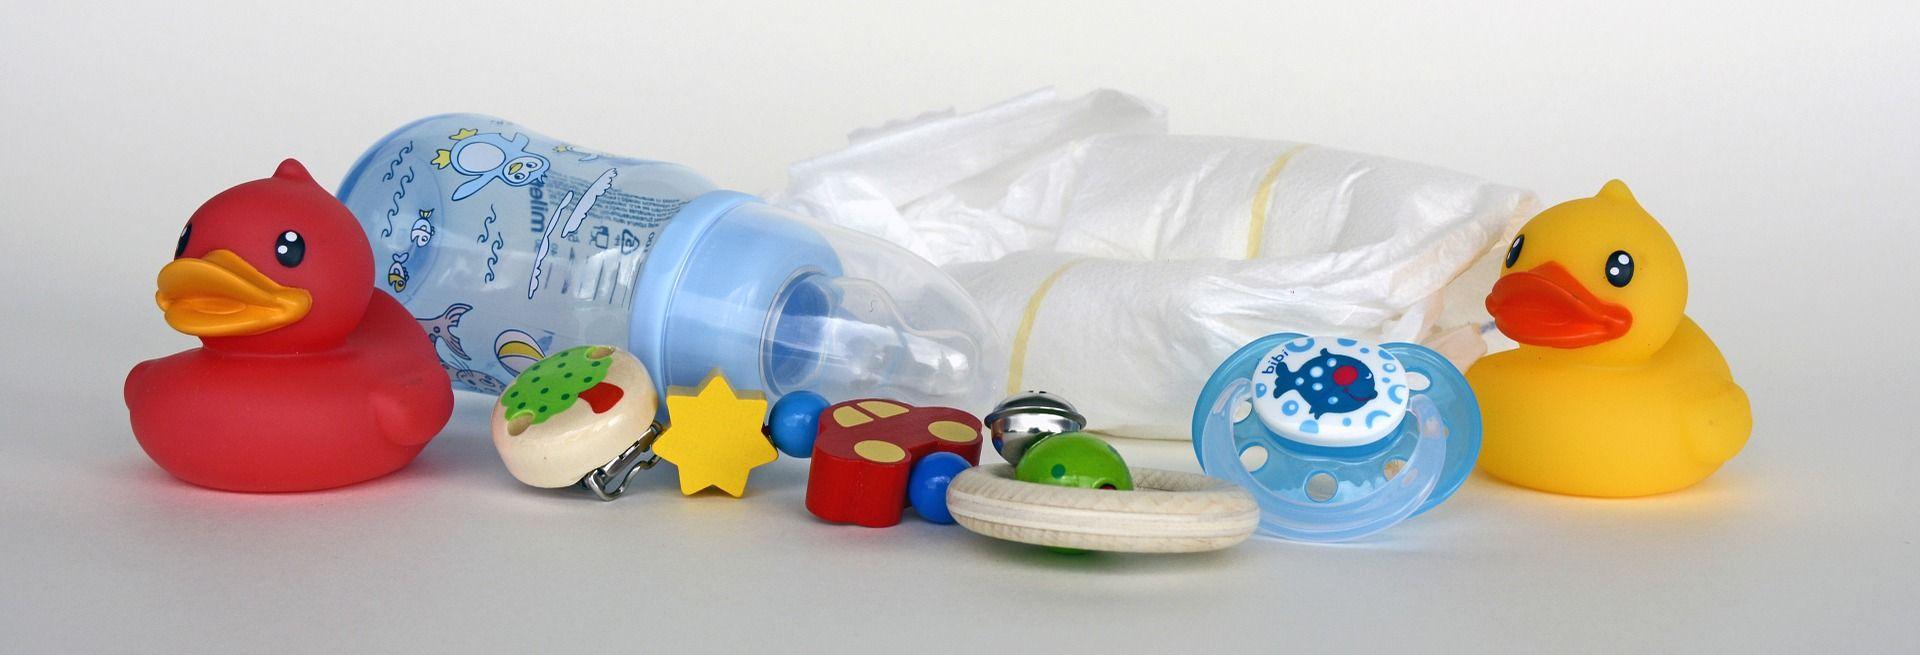 Baby stuff/pixabay